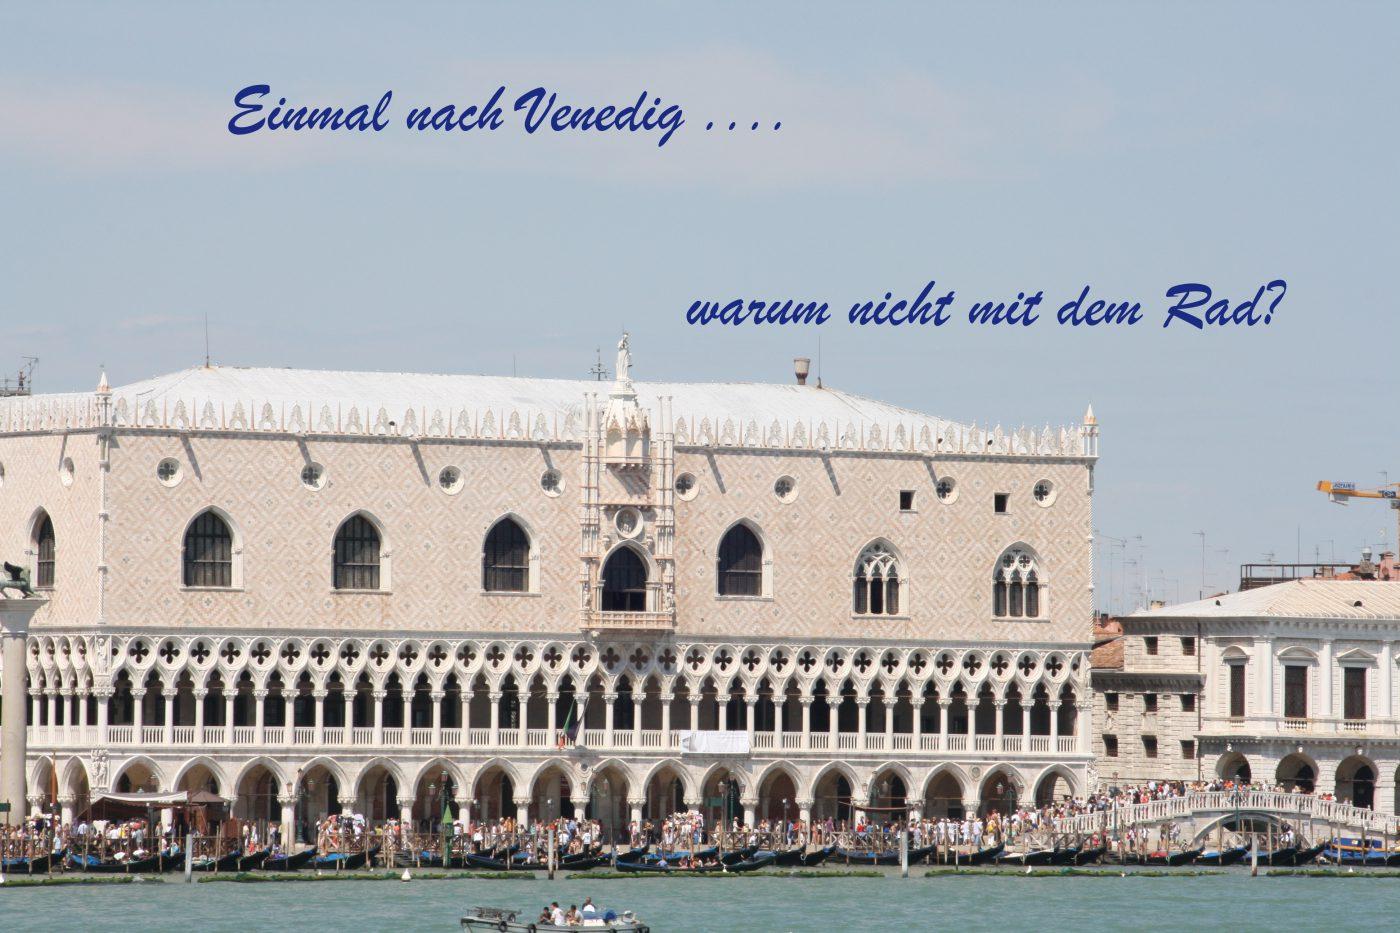 Vom Brenner nach Venedig mit dem Rad, 2. Teil 3